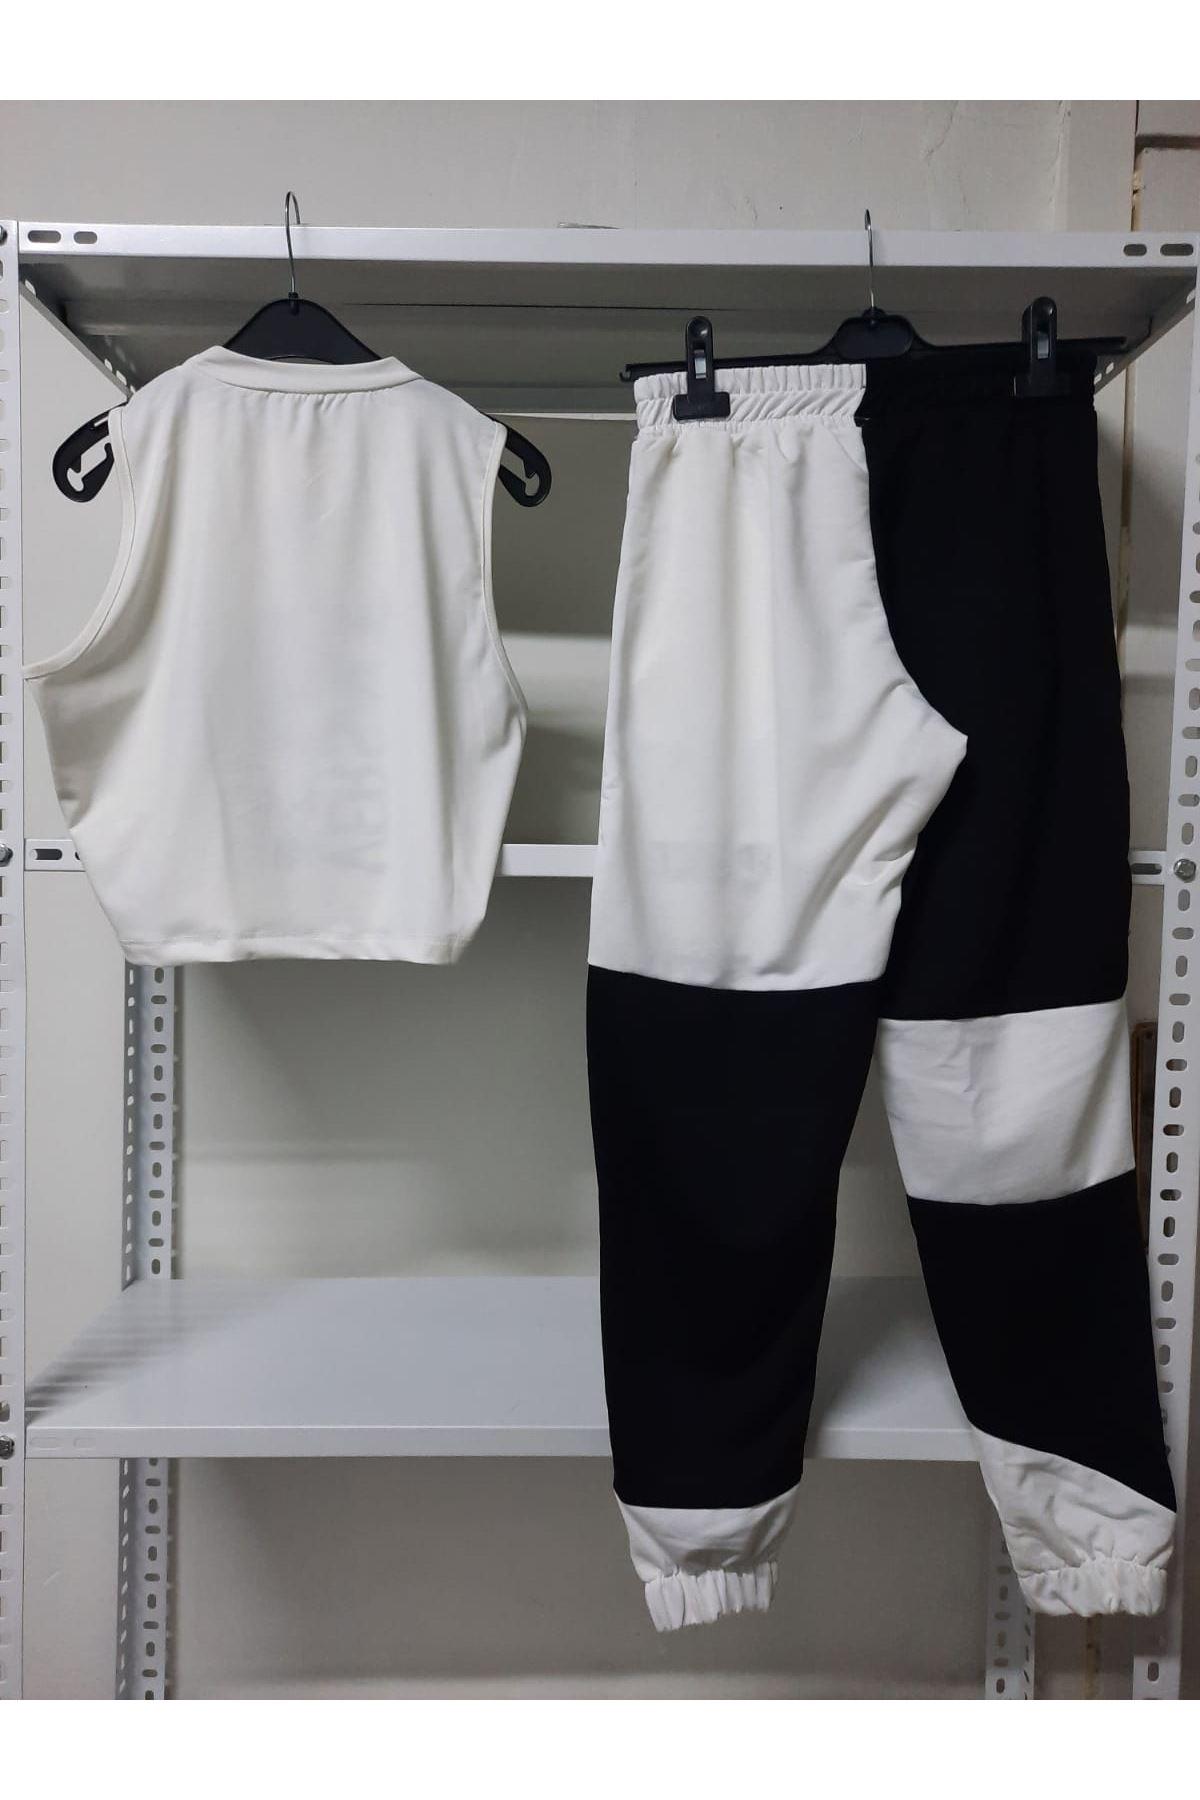 VS Desen İkili takım - Beyaz